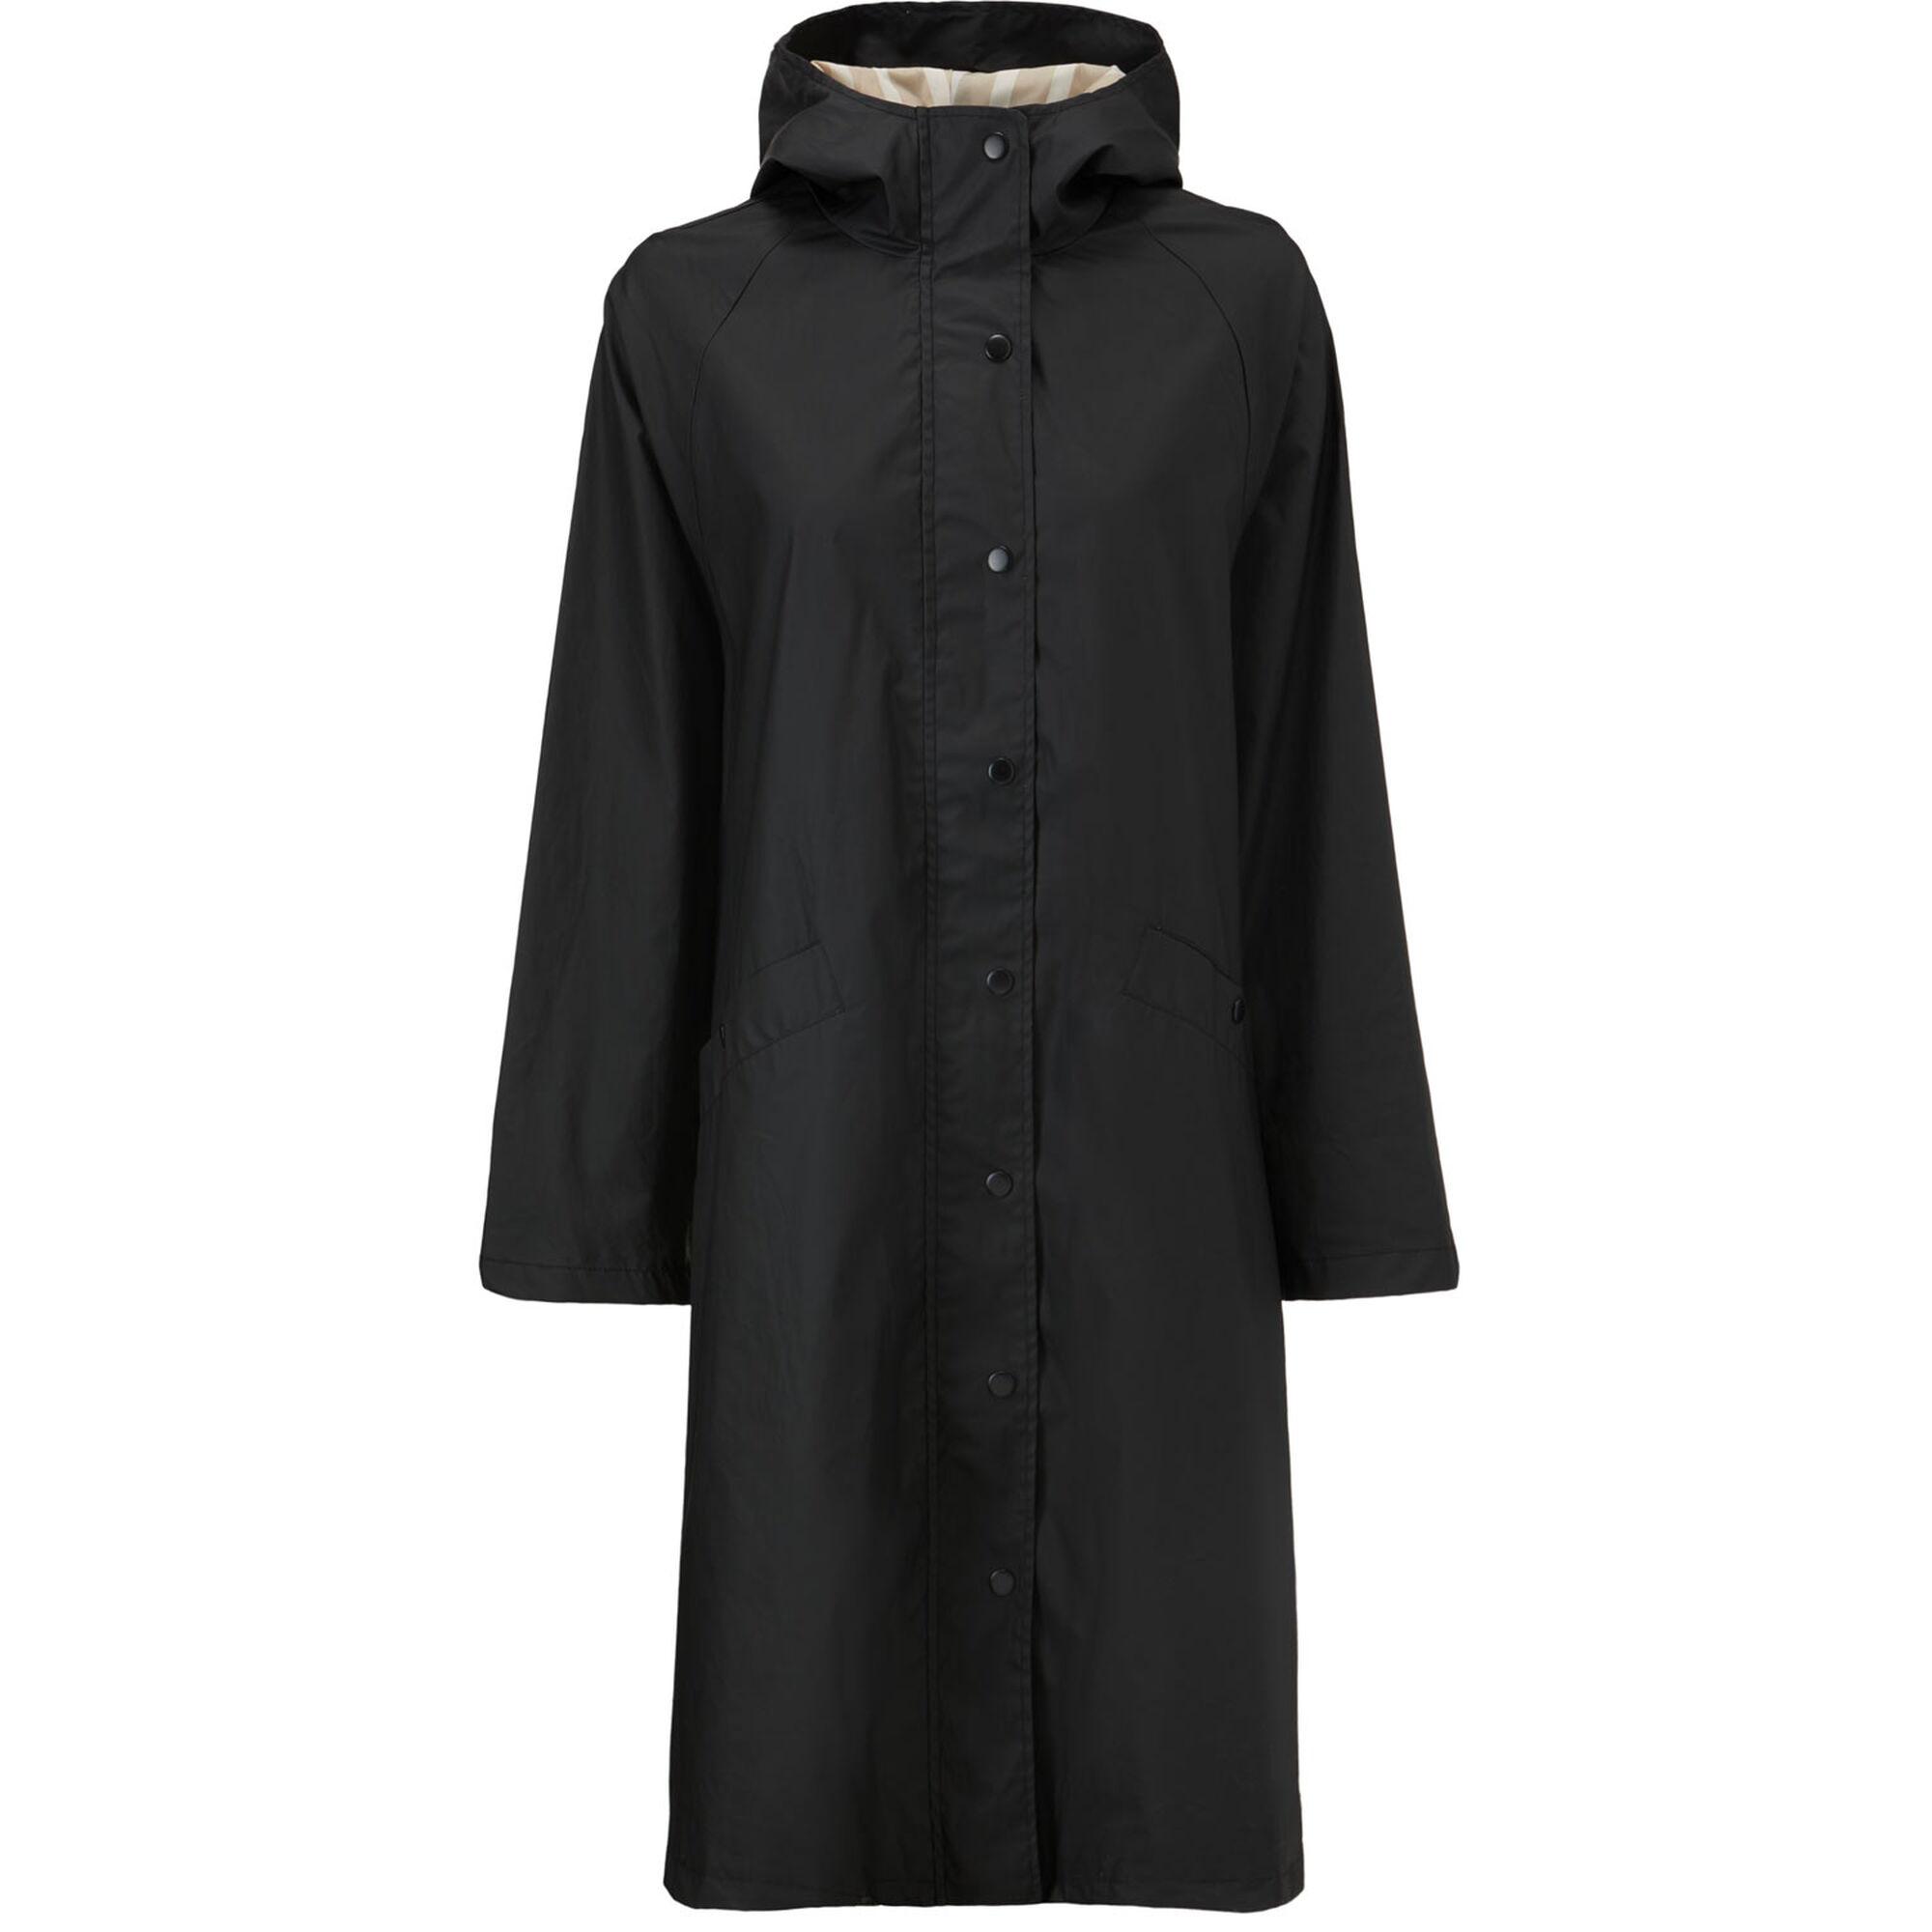 TUSSA COAT, Black, hi-res